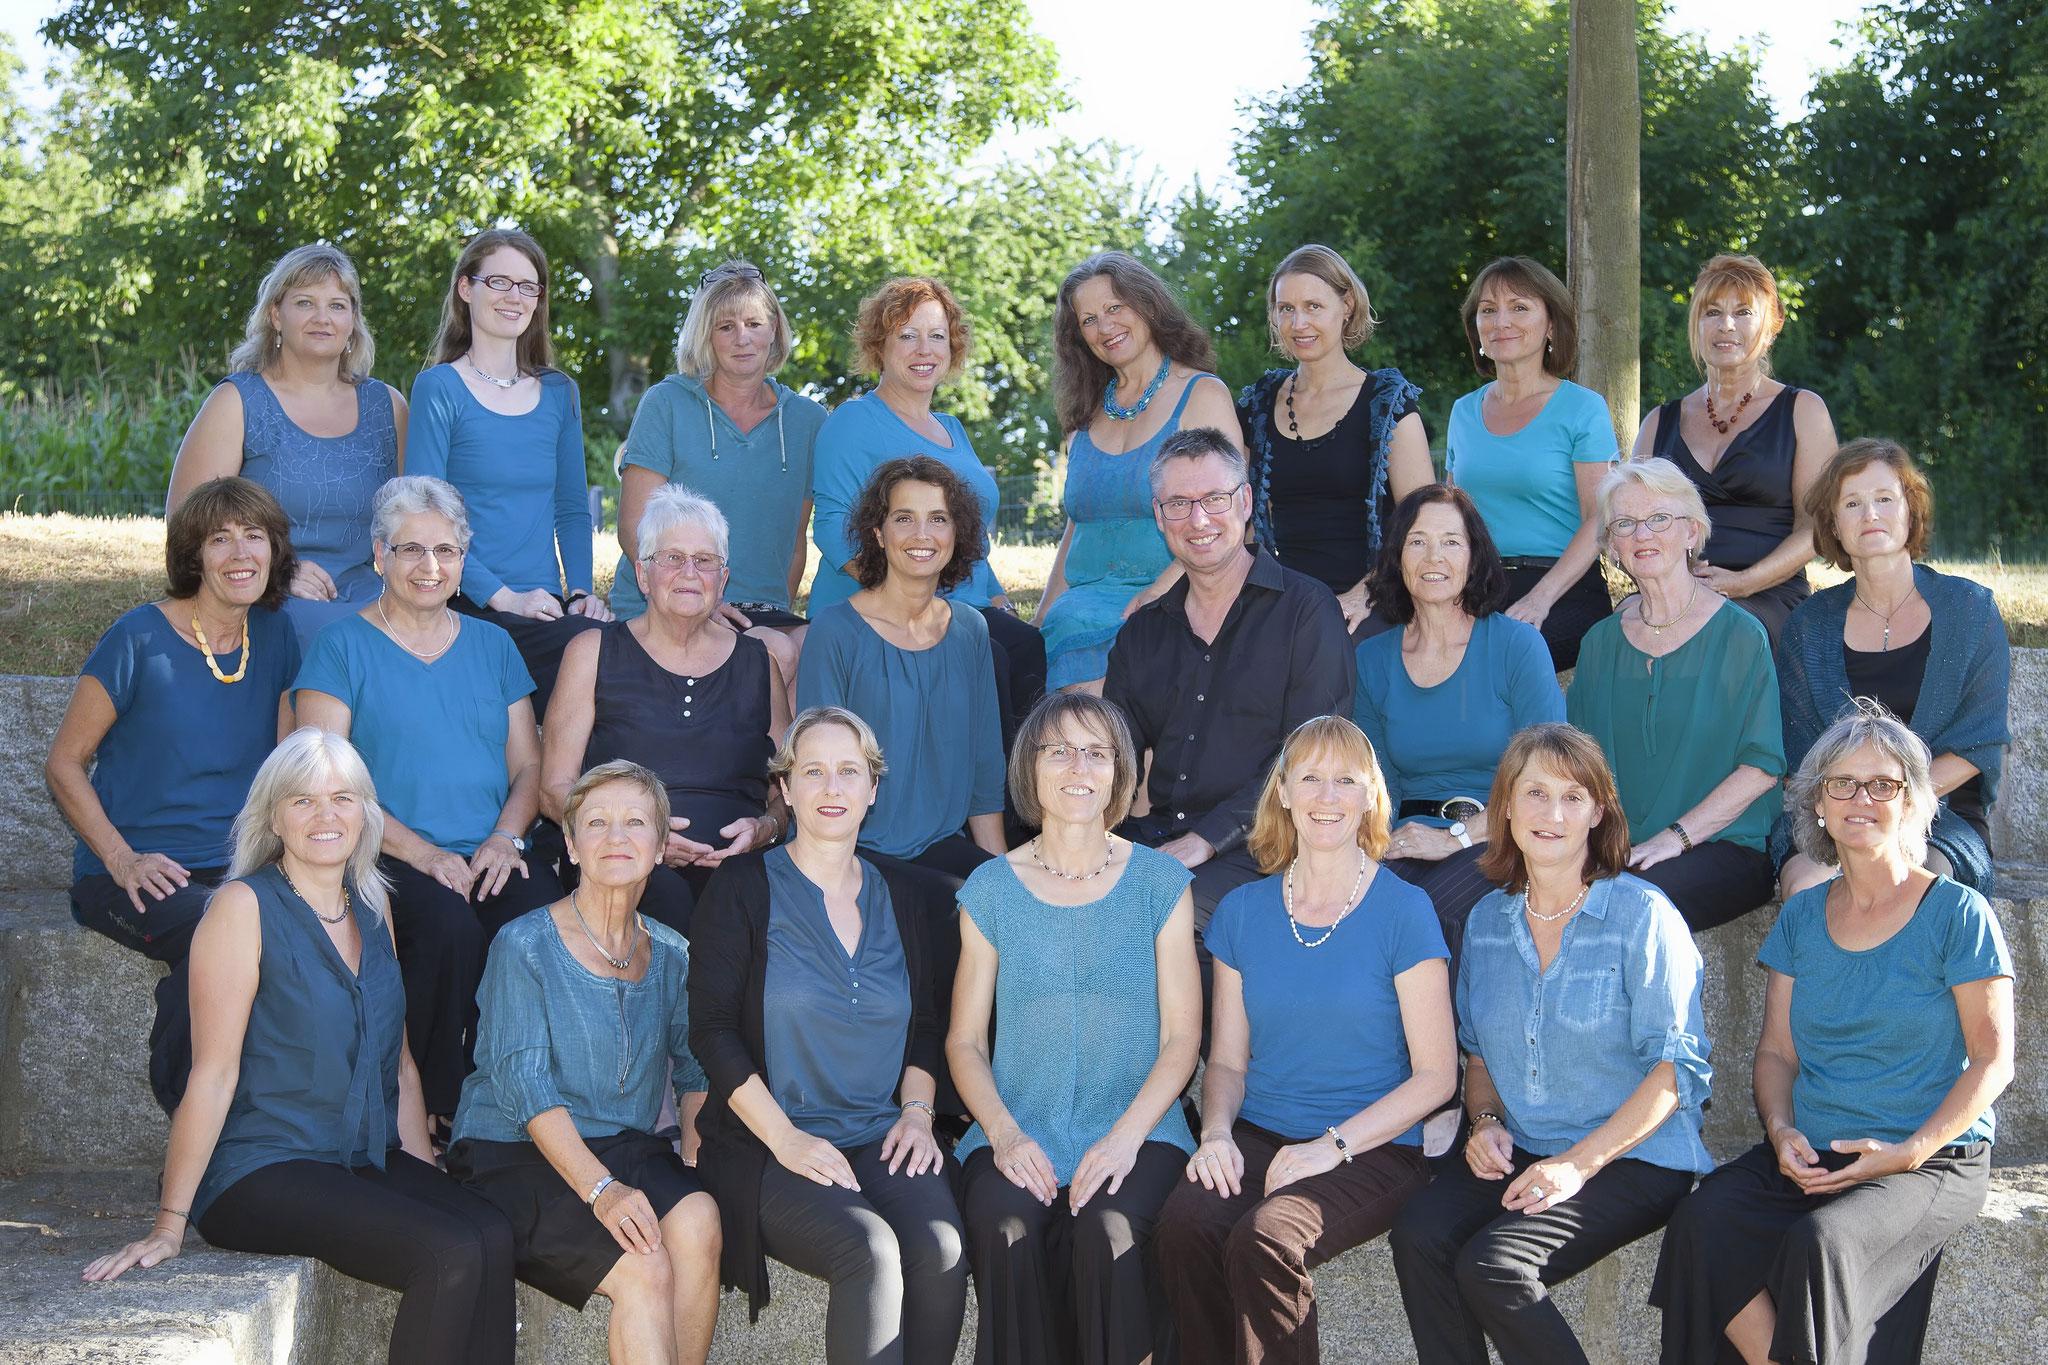 ... unser Chor hat sich vergrößert - wir brauchten ein neues Bild (Sommer 2015)